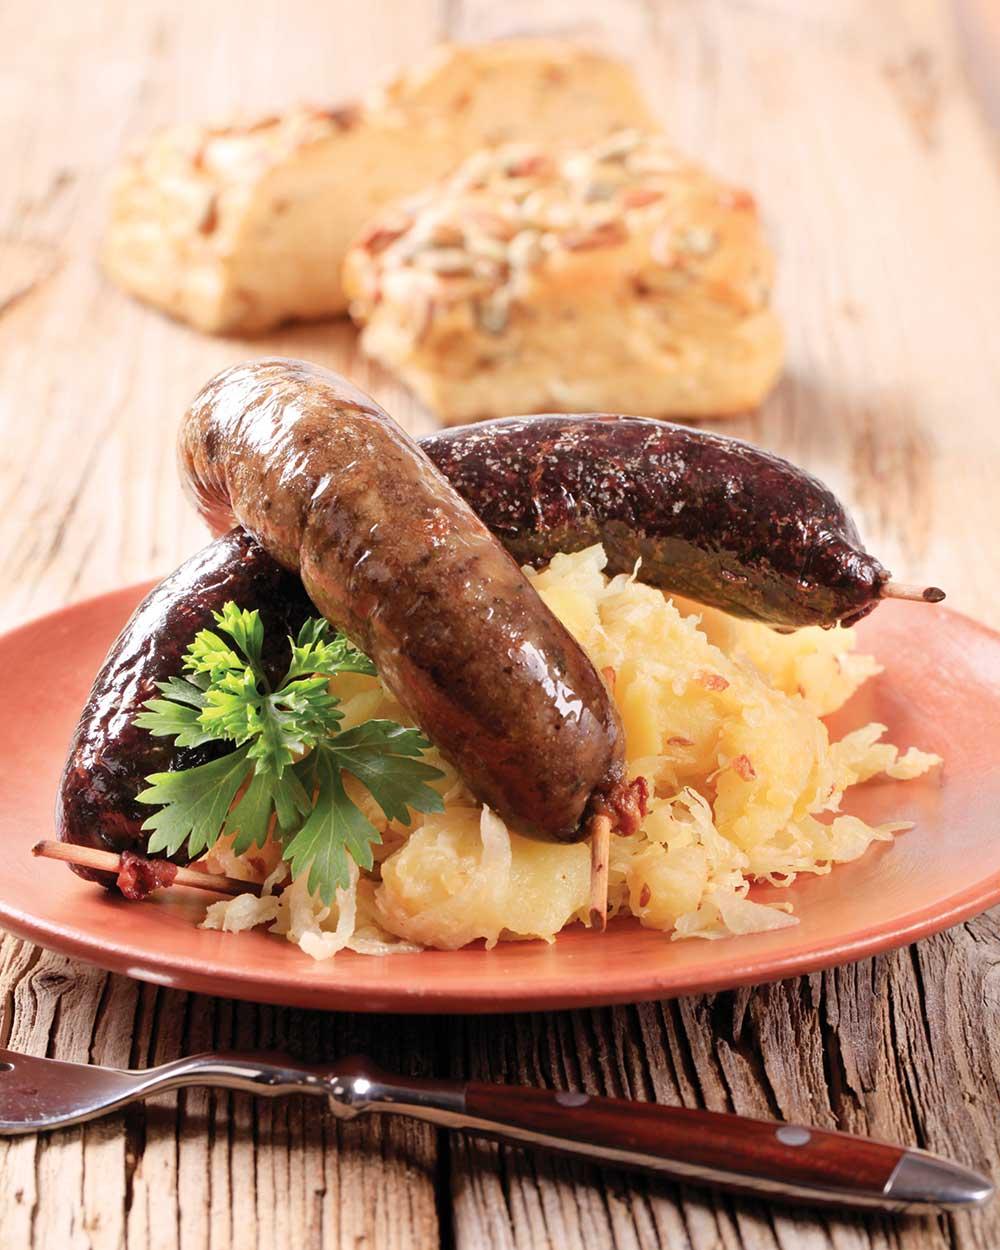 Beer Bratwurst with Sauerkraut